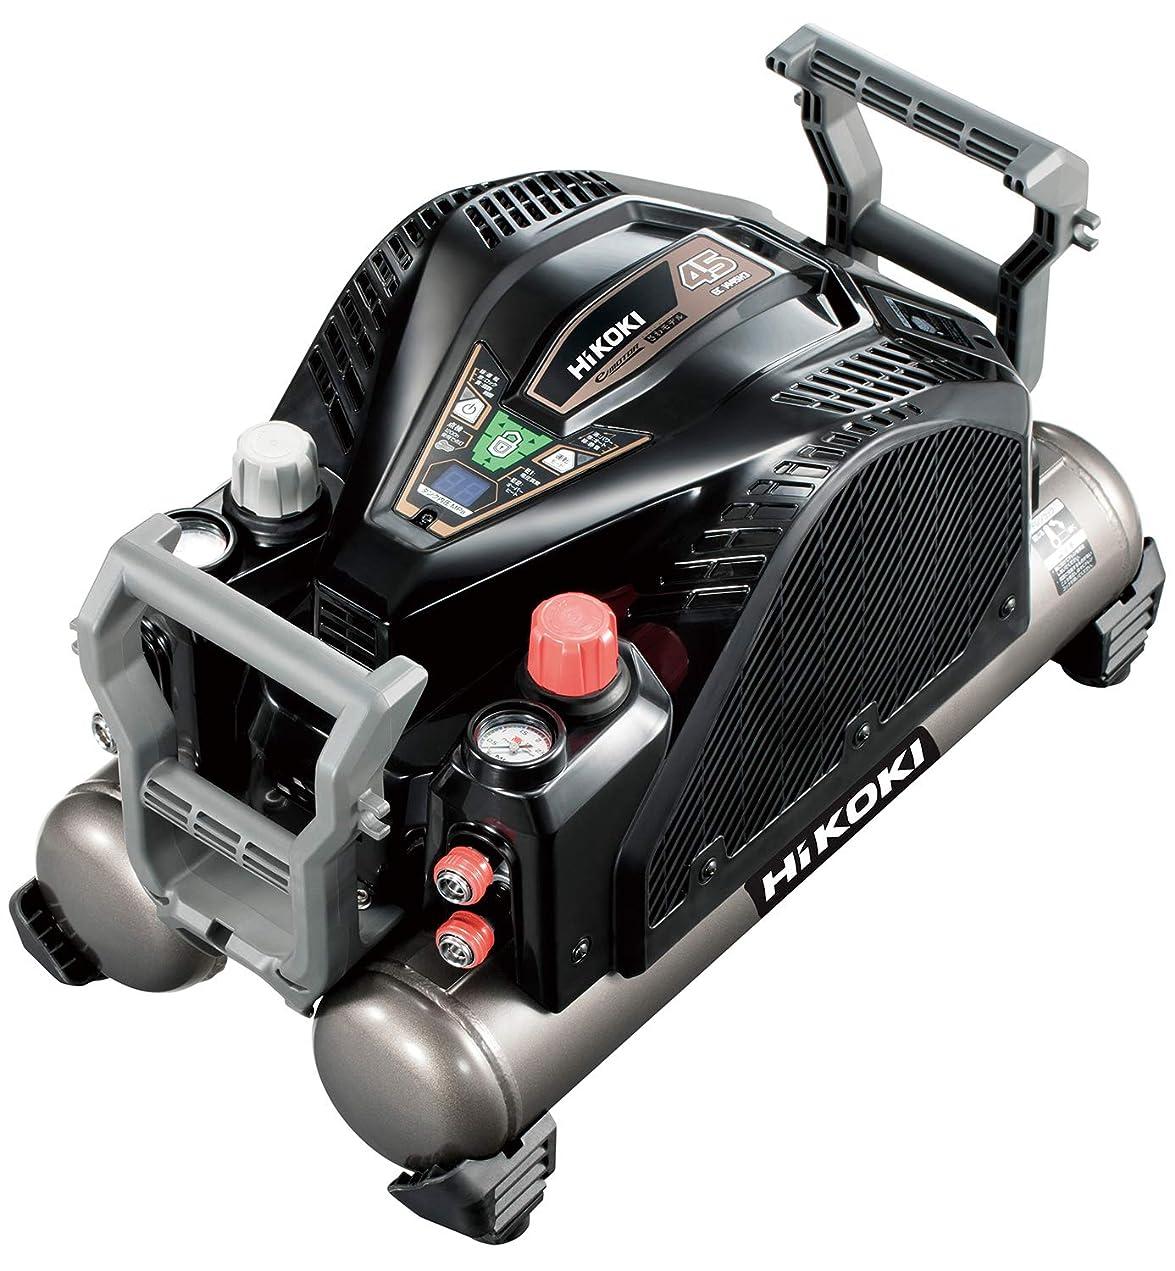 艶ストリップ立法HiKOKI(旧日立工機) 釘打機用エアコンプレッサ タンク容量12L タンク内圧45気圧 高圧/一般圧対応 セキュリティ機能付き EC1445H3